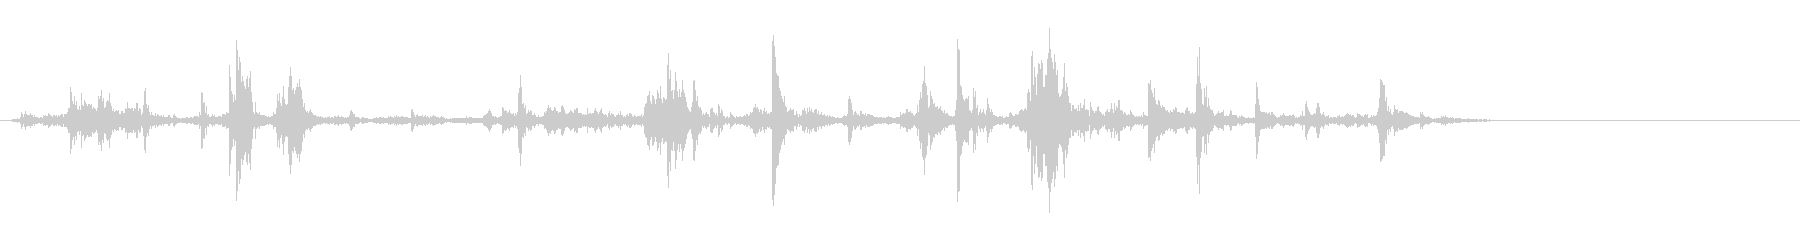 机や棚などをガサゴソ探す効果音 03の未再生の波形